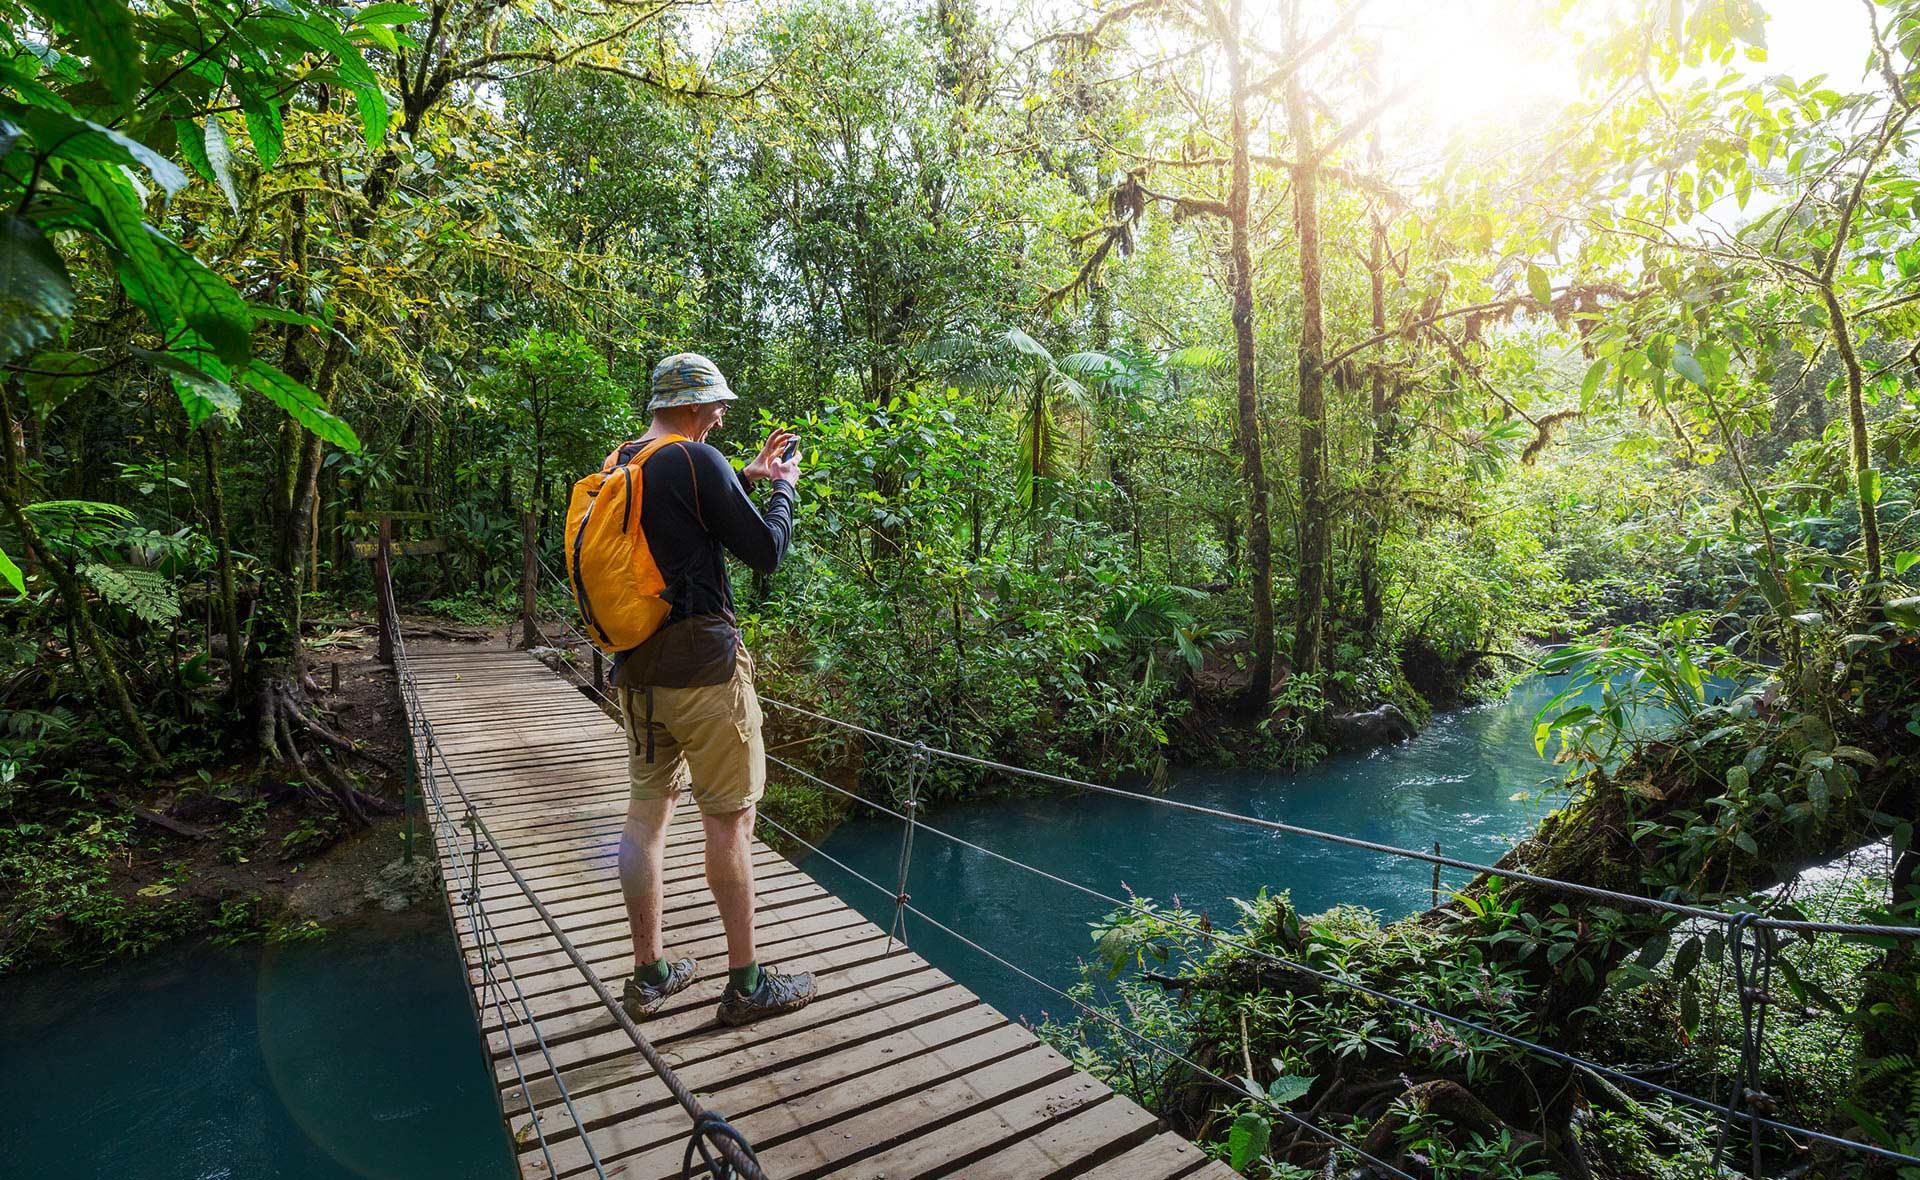 ecoturismo-viaje-responsable-sostenibilidad-turismo-